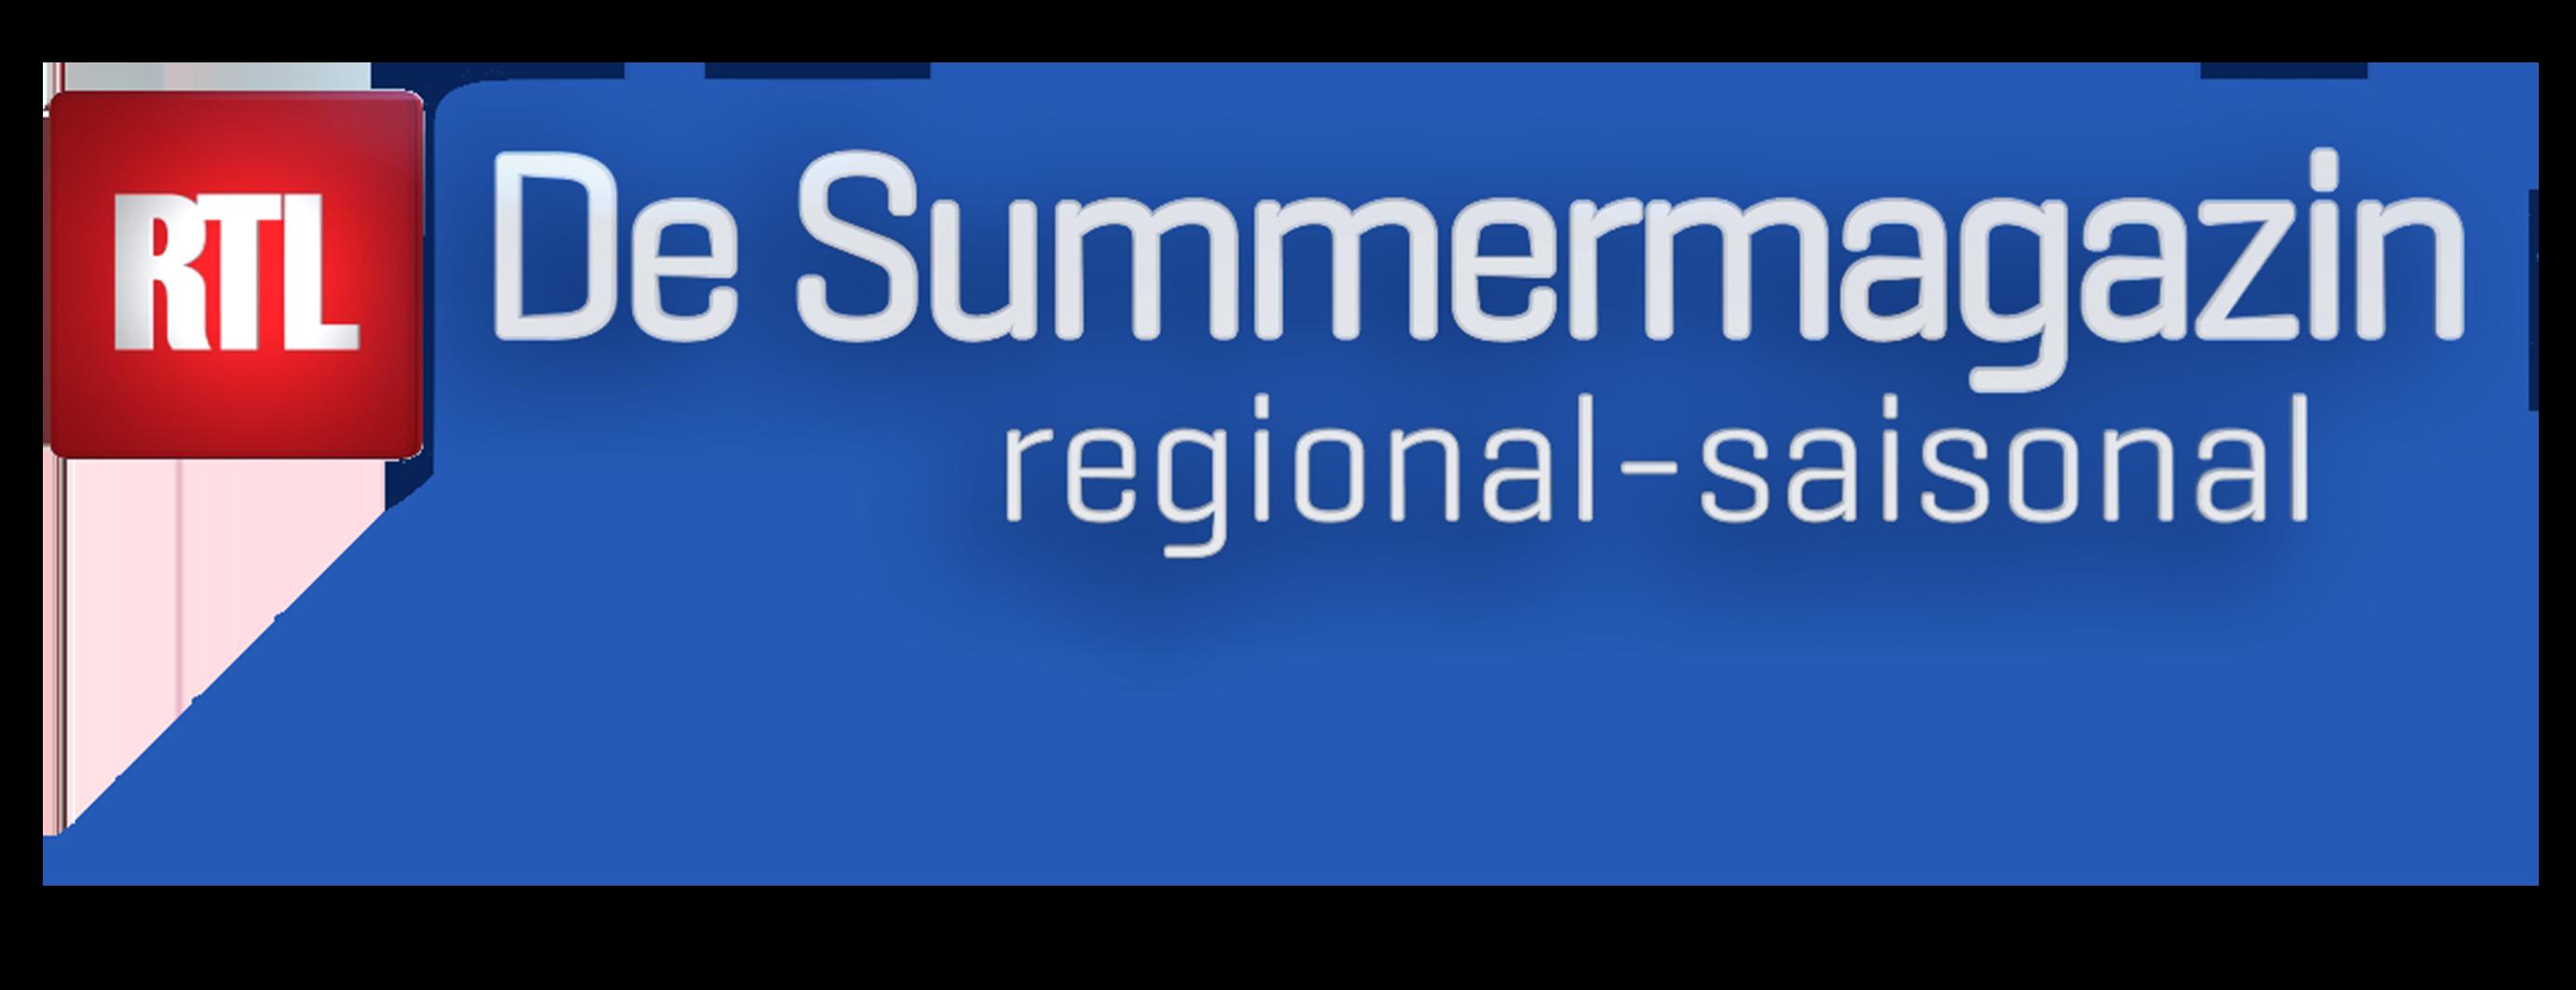 Regional-Saisonal